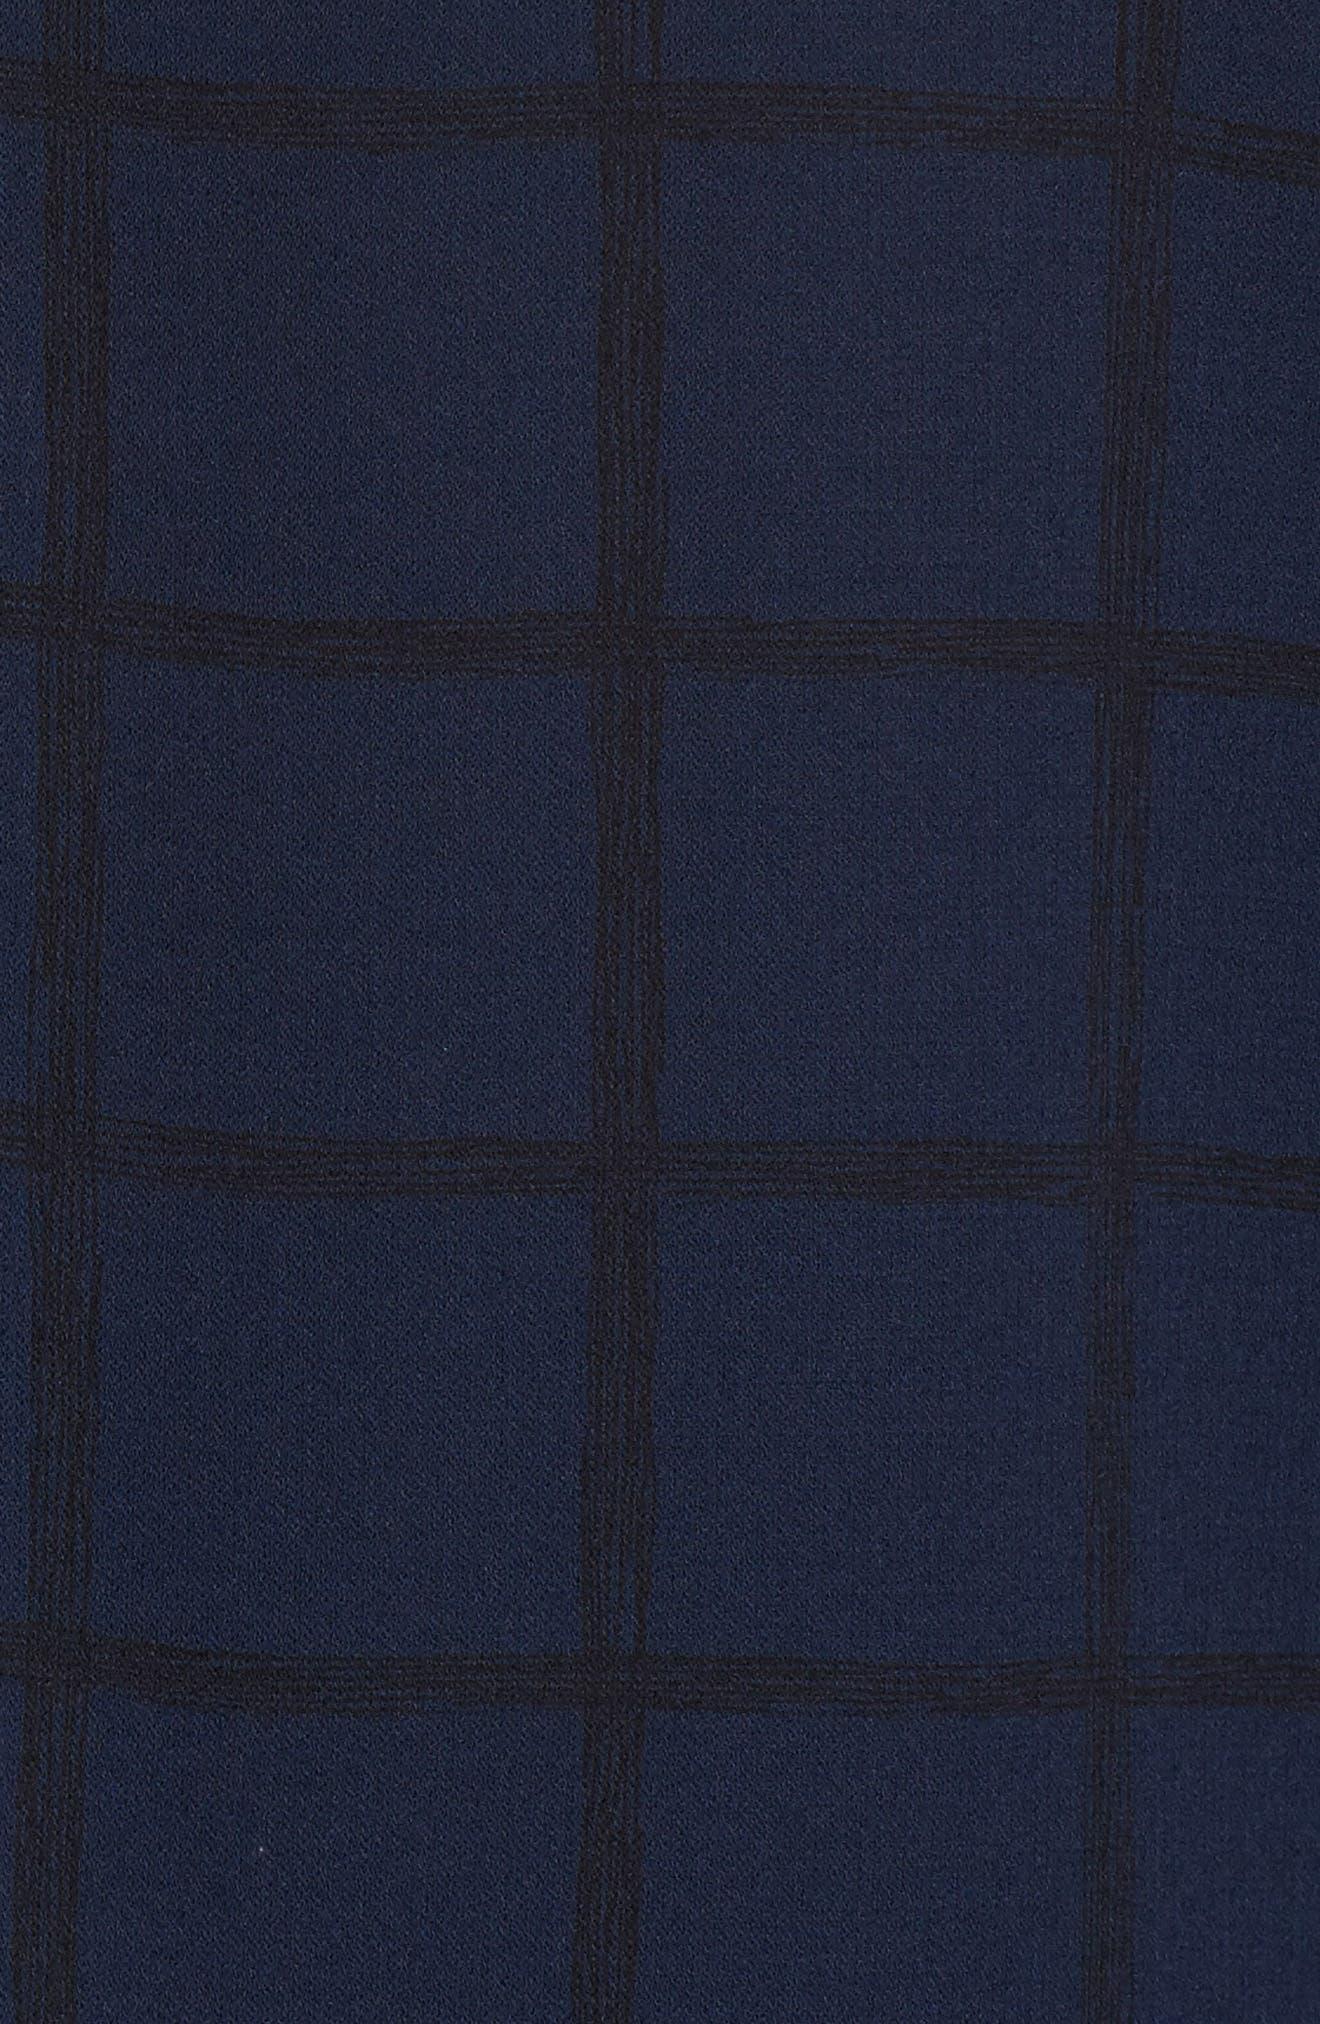 Bateau Neck Silk Top,                             Alternate thumbnail 5, color,